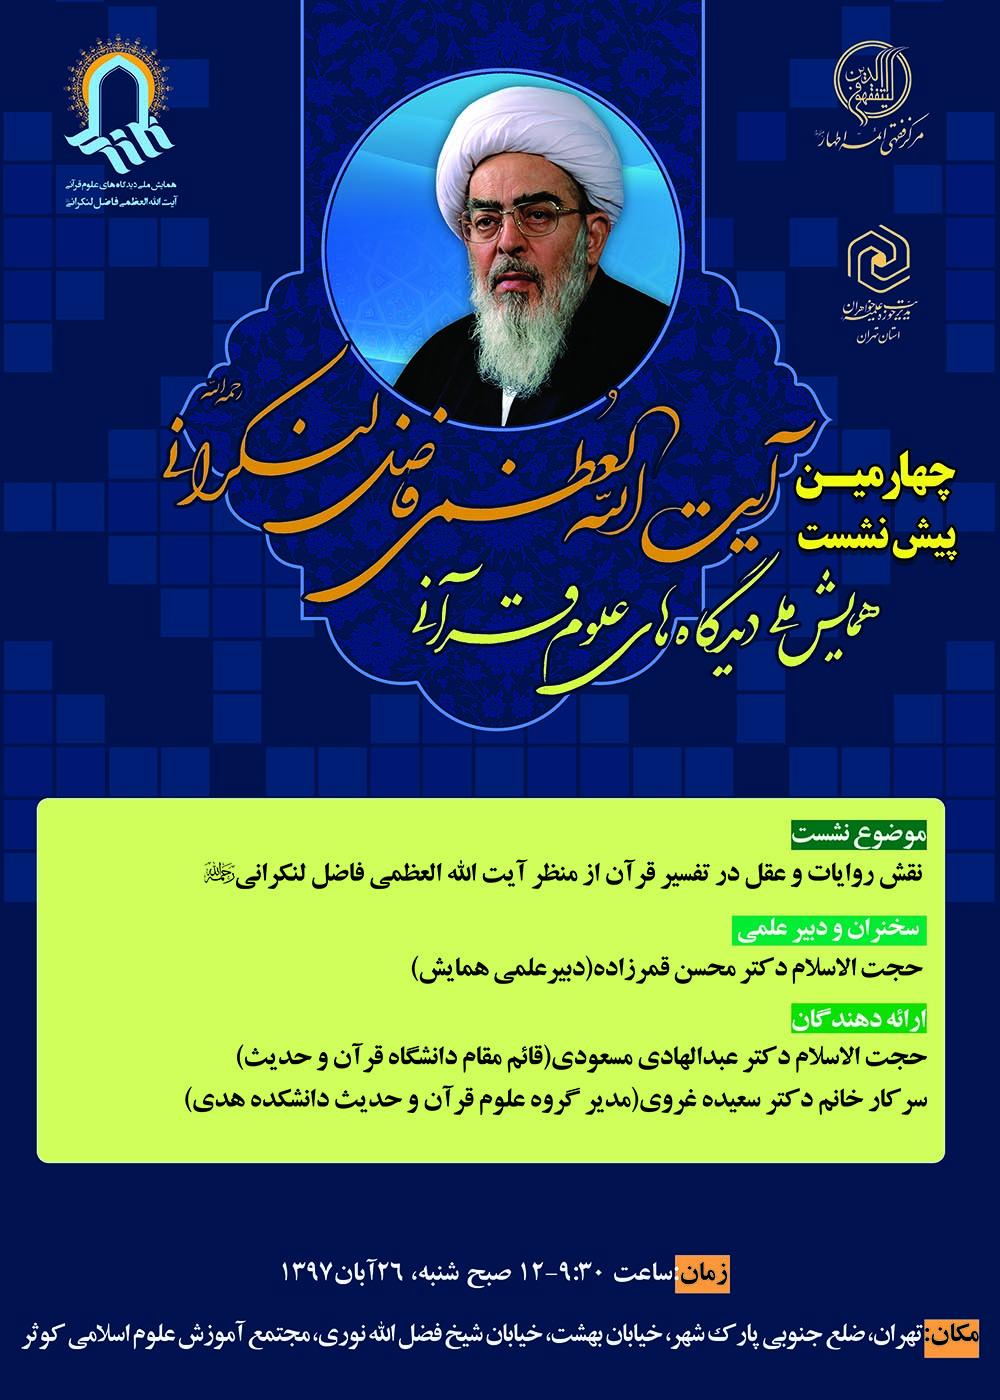 برگزاری  چهارمین پیش نشست همایش در تهران17